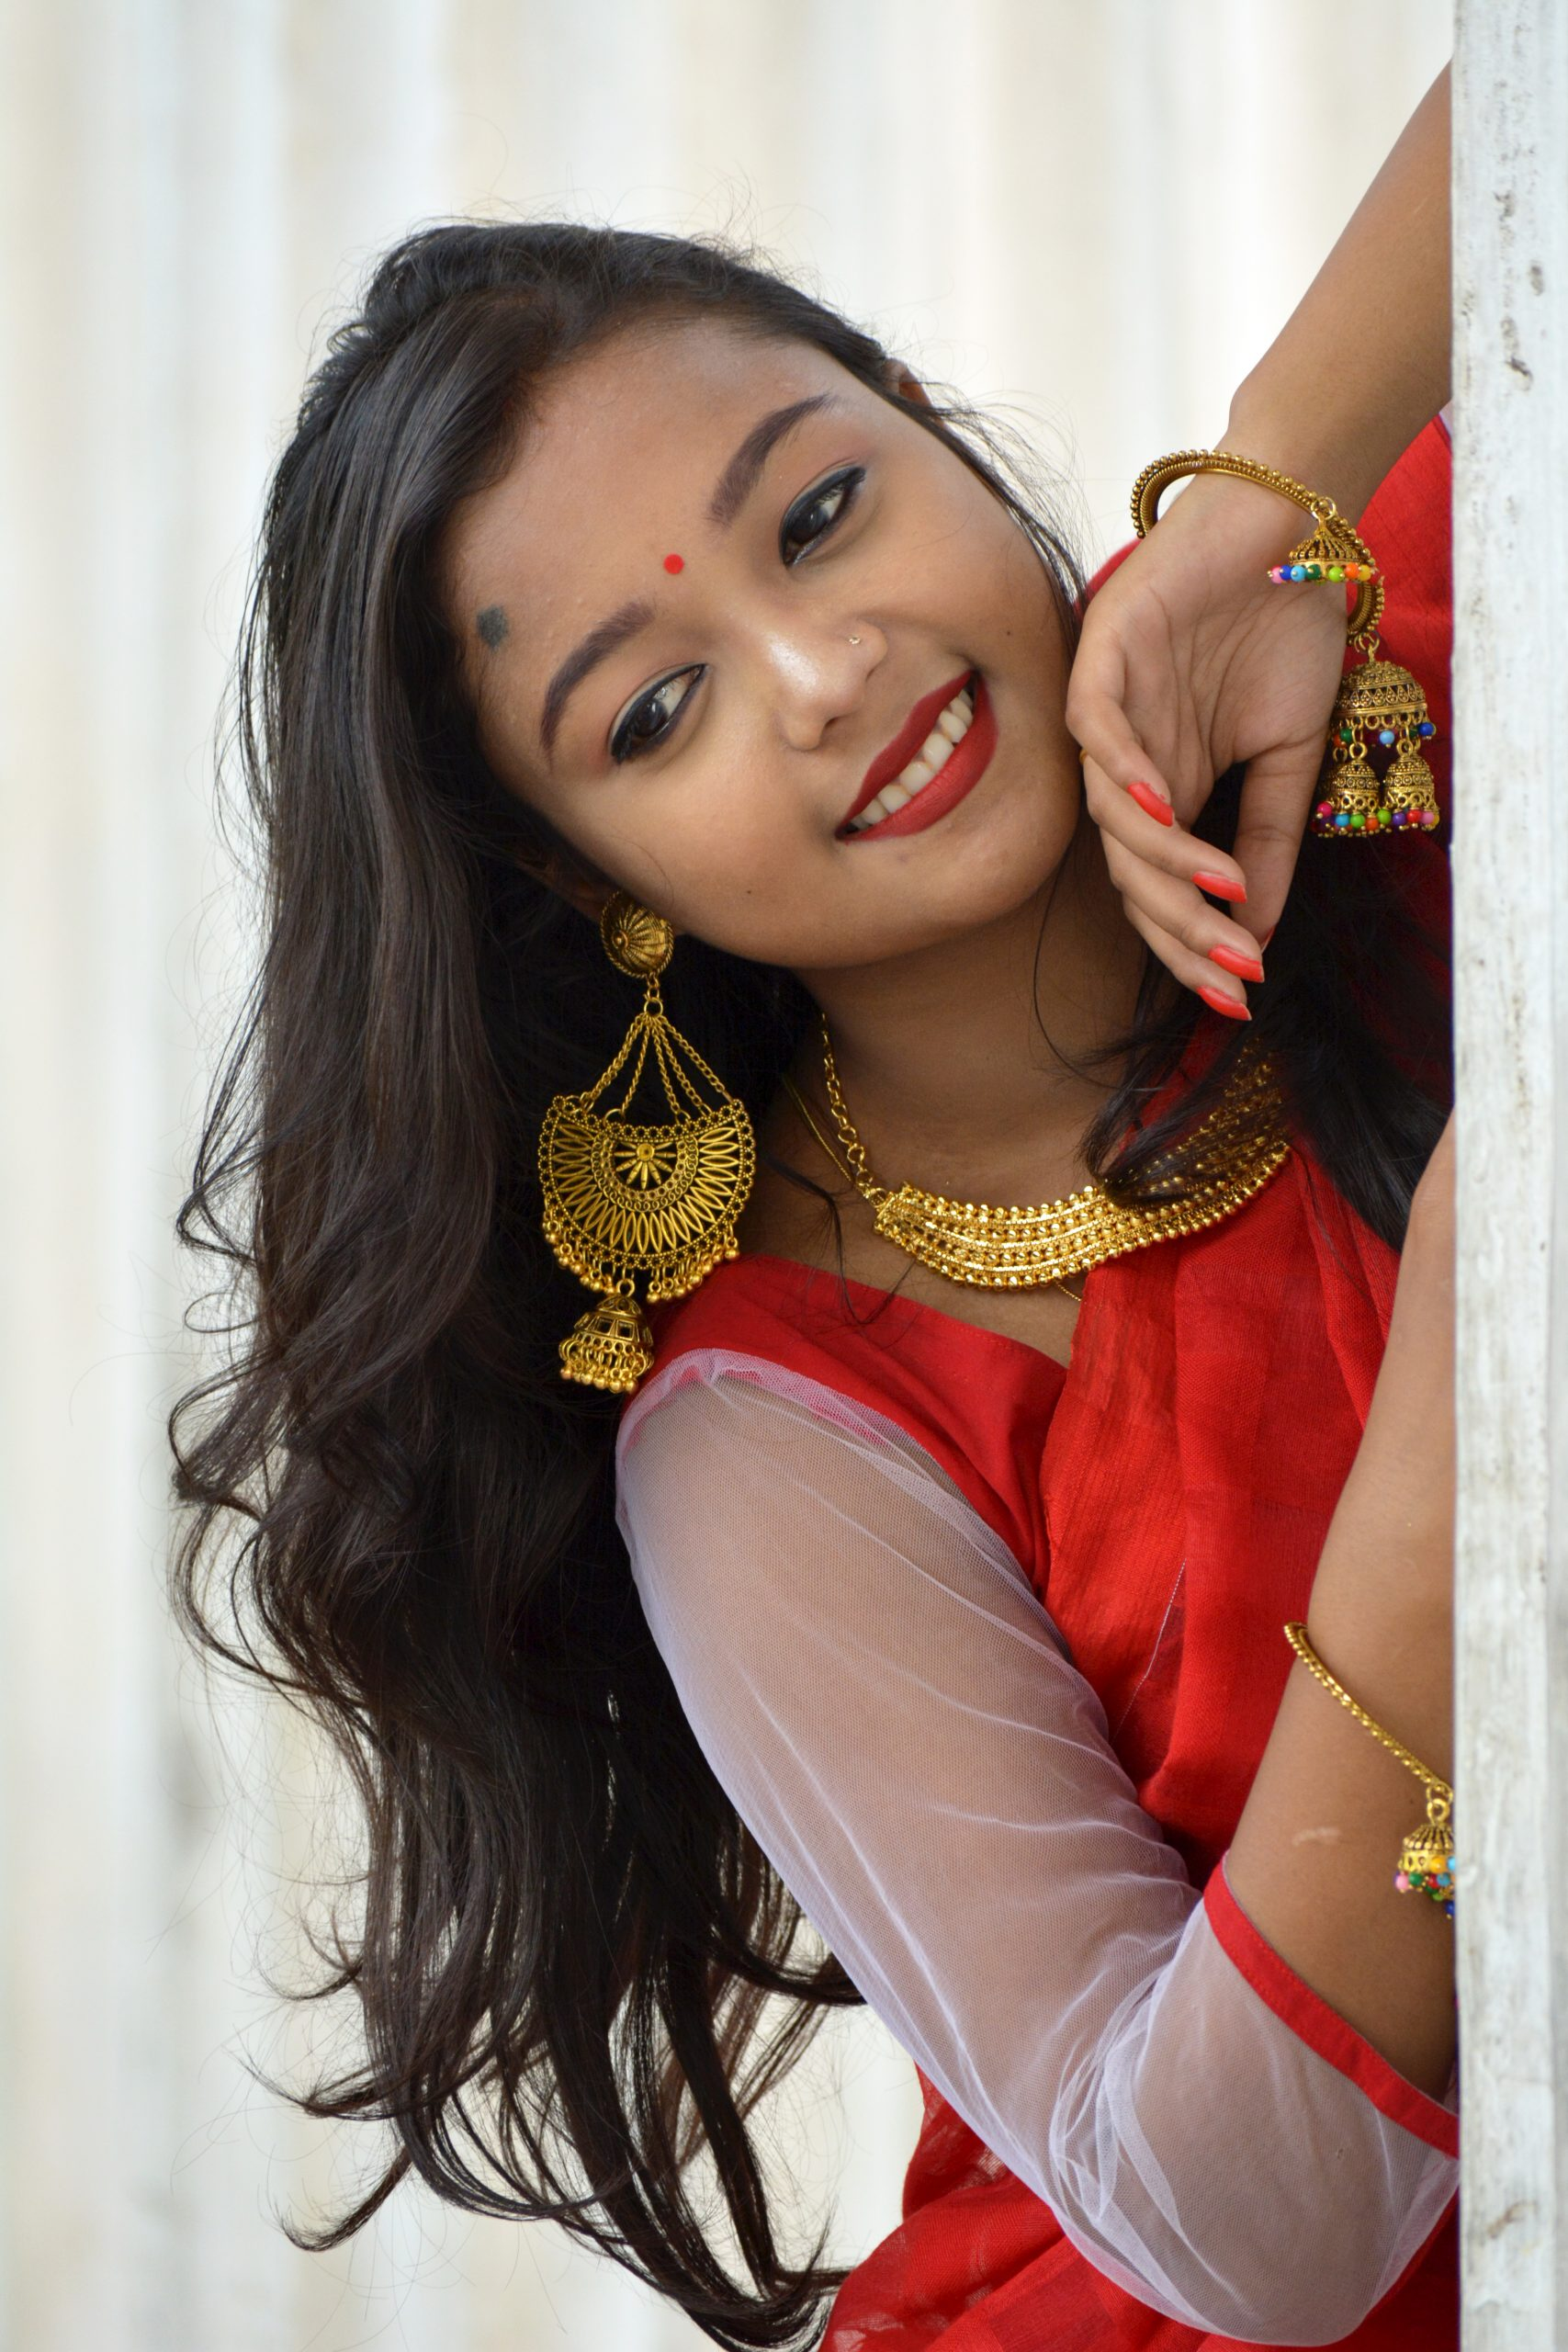 An Indian girl posing